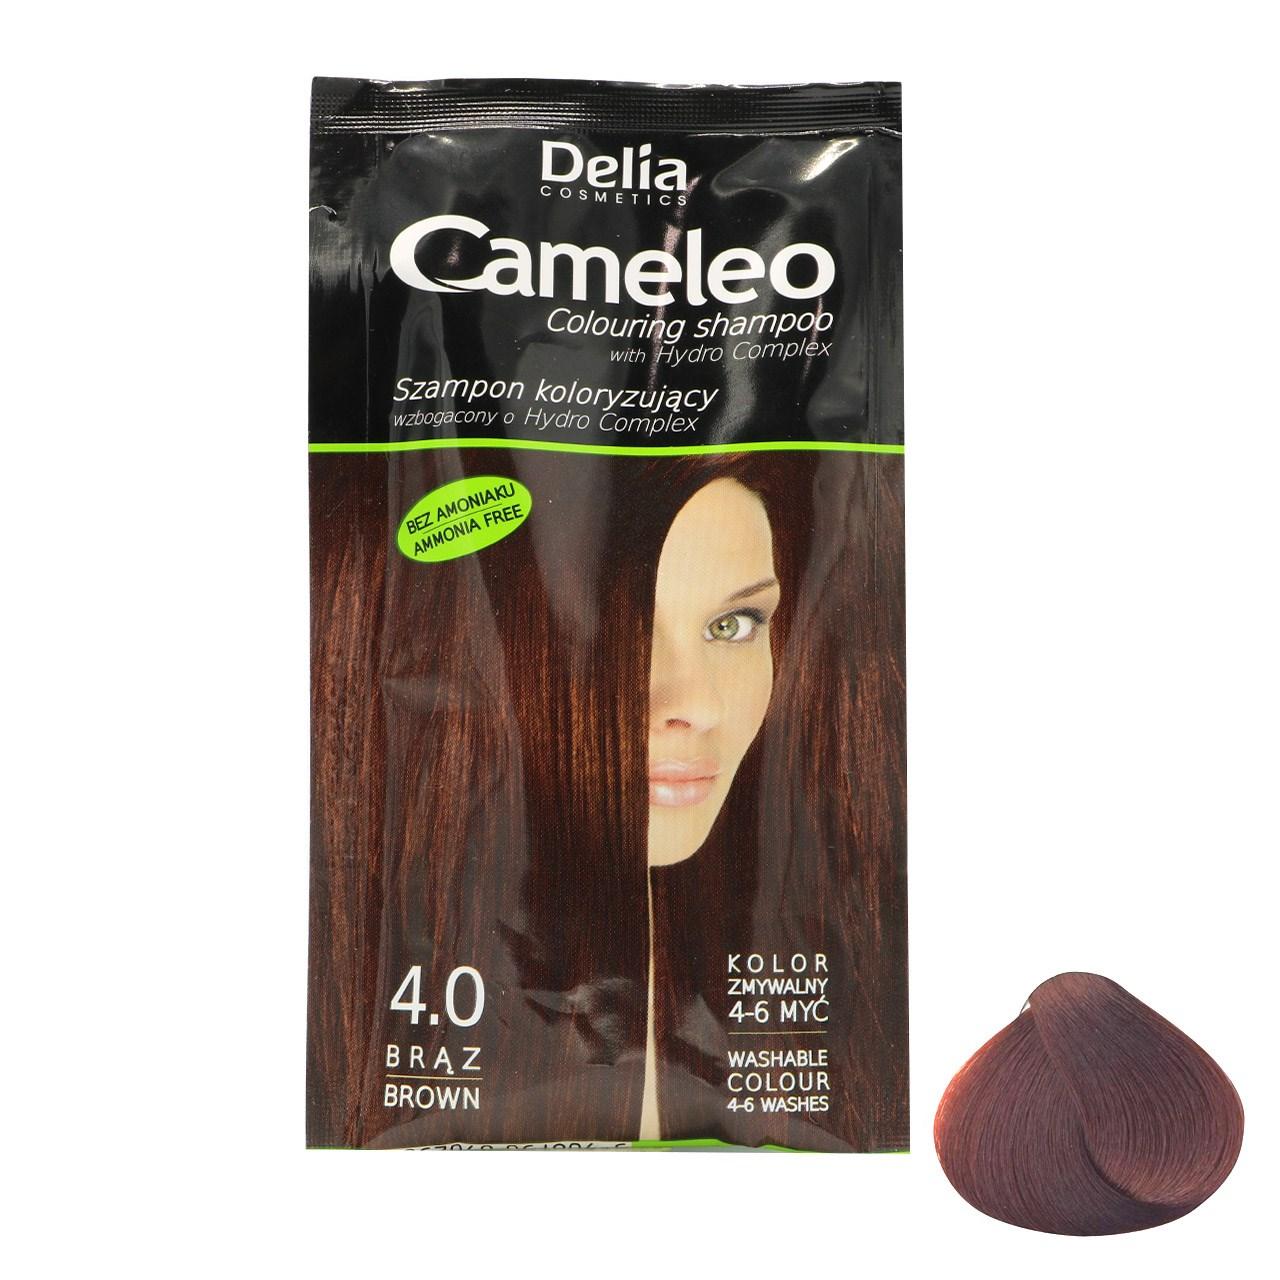 کیت شامپو رنگ مو کاملیو کد4.0 حجم 40 میلی لیتر